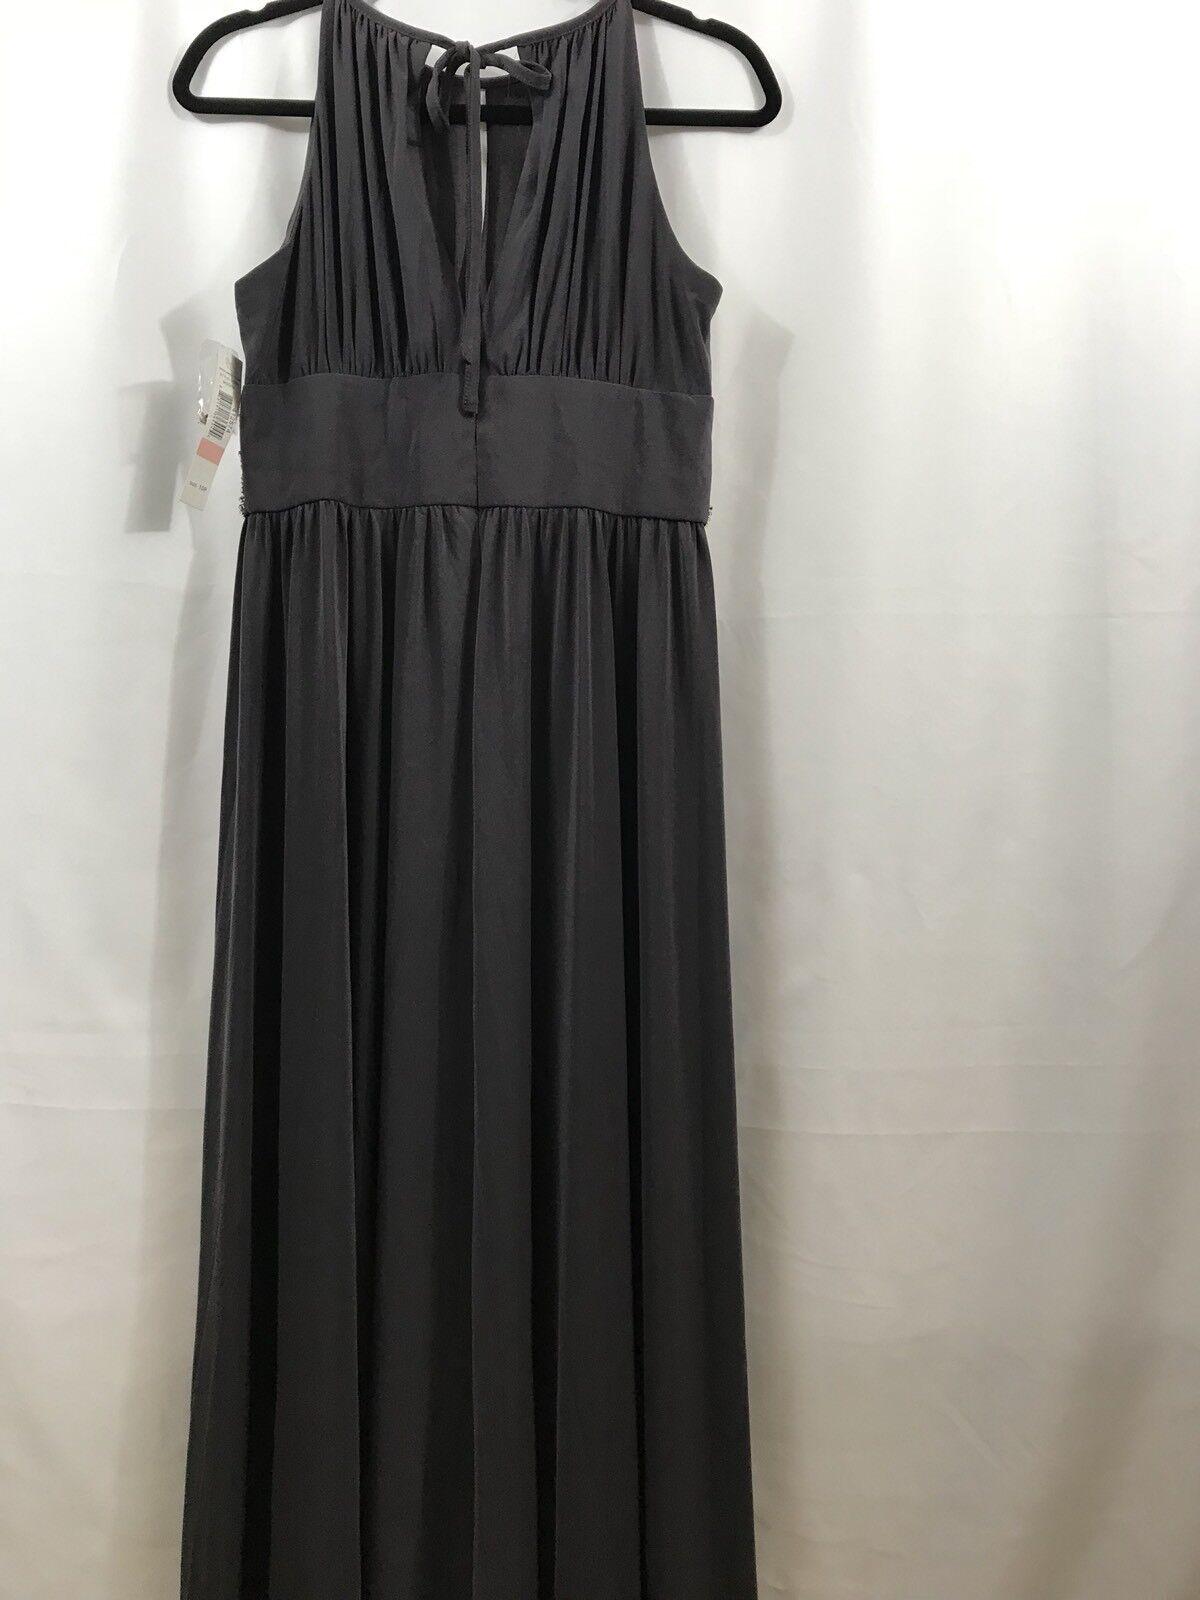 Nwt Nwt Nwt Size 10 P Petite R&M Richards Formal Dress 6b5d0b